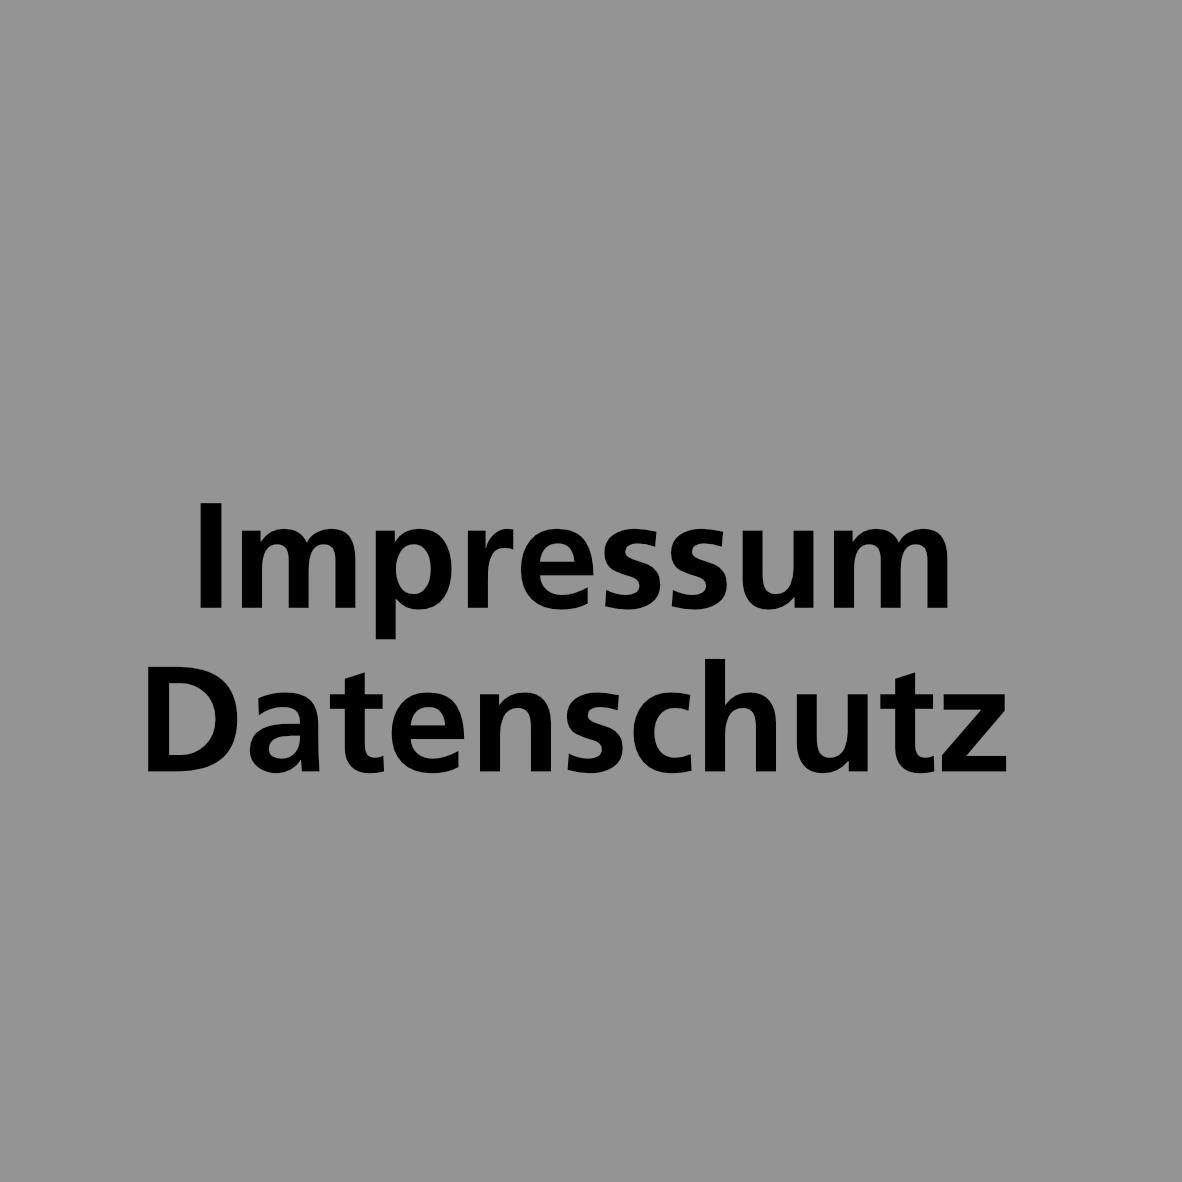 Bild: Kachel «Impressum und Datenschutz»